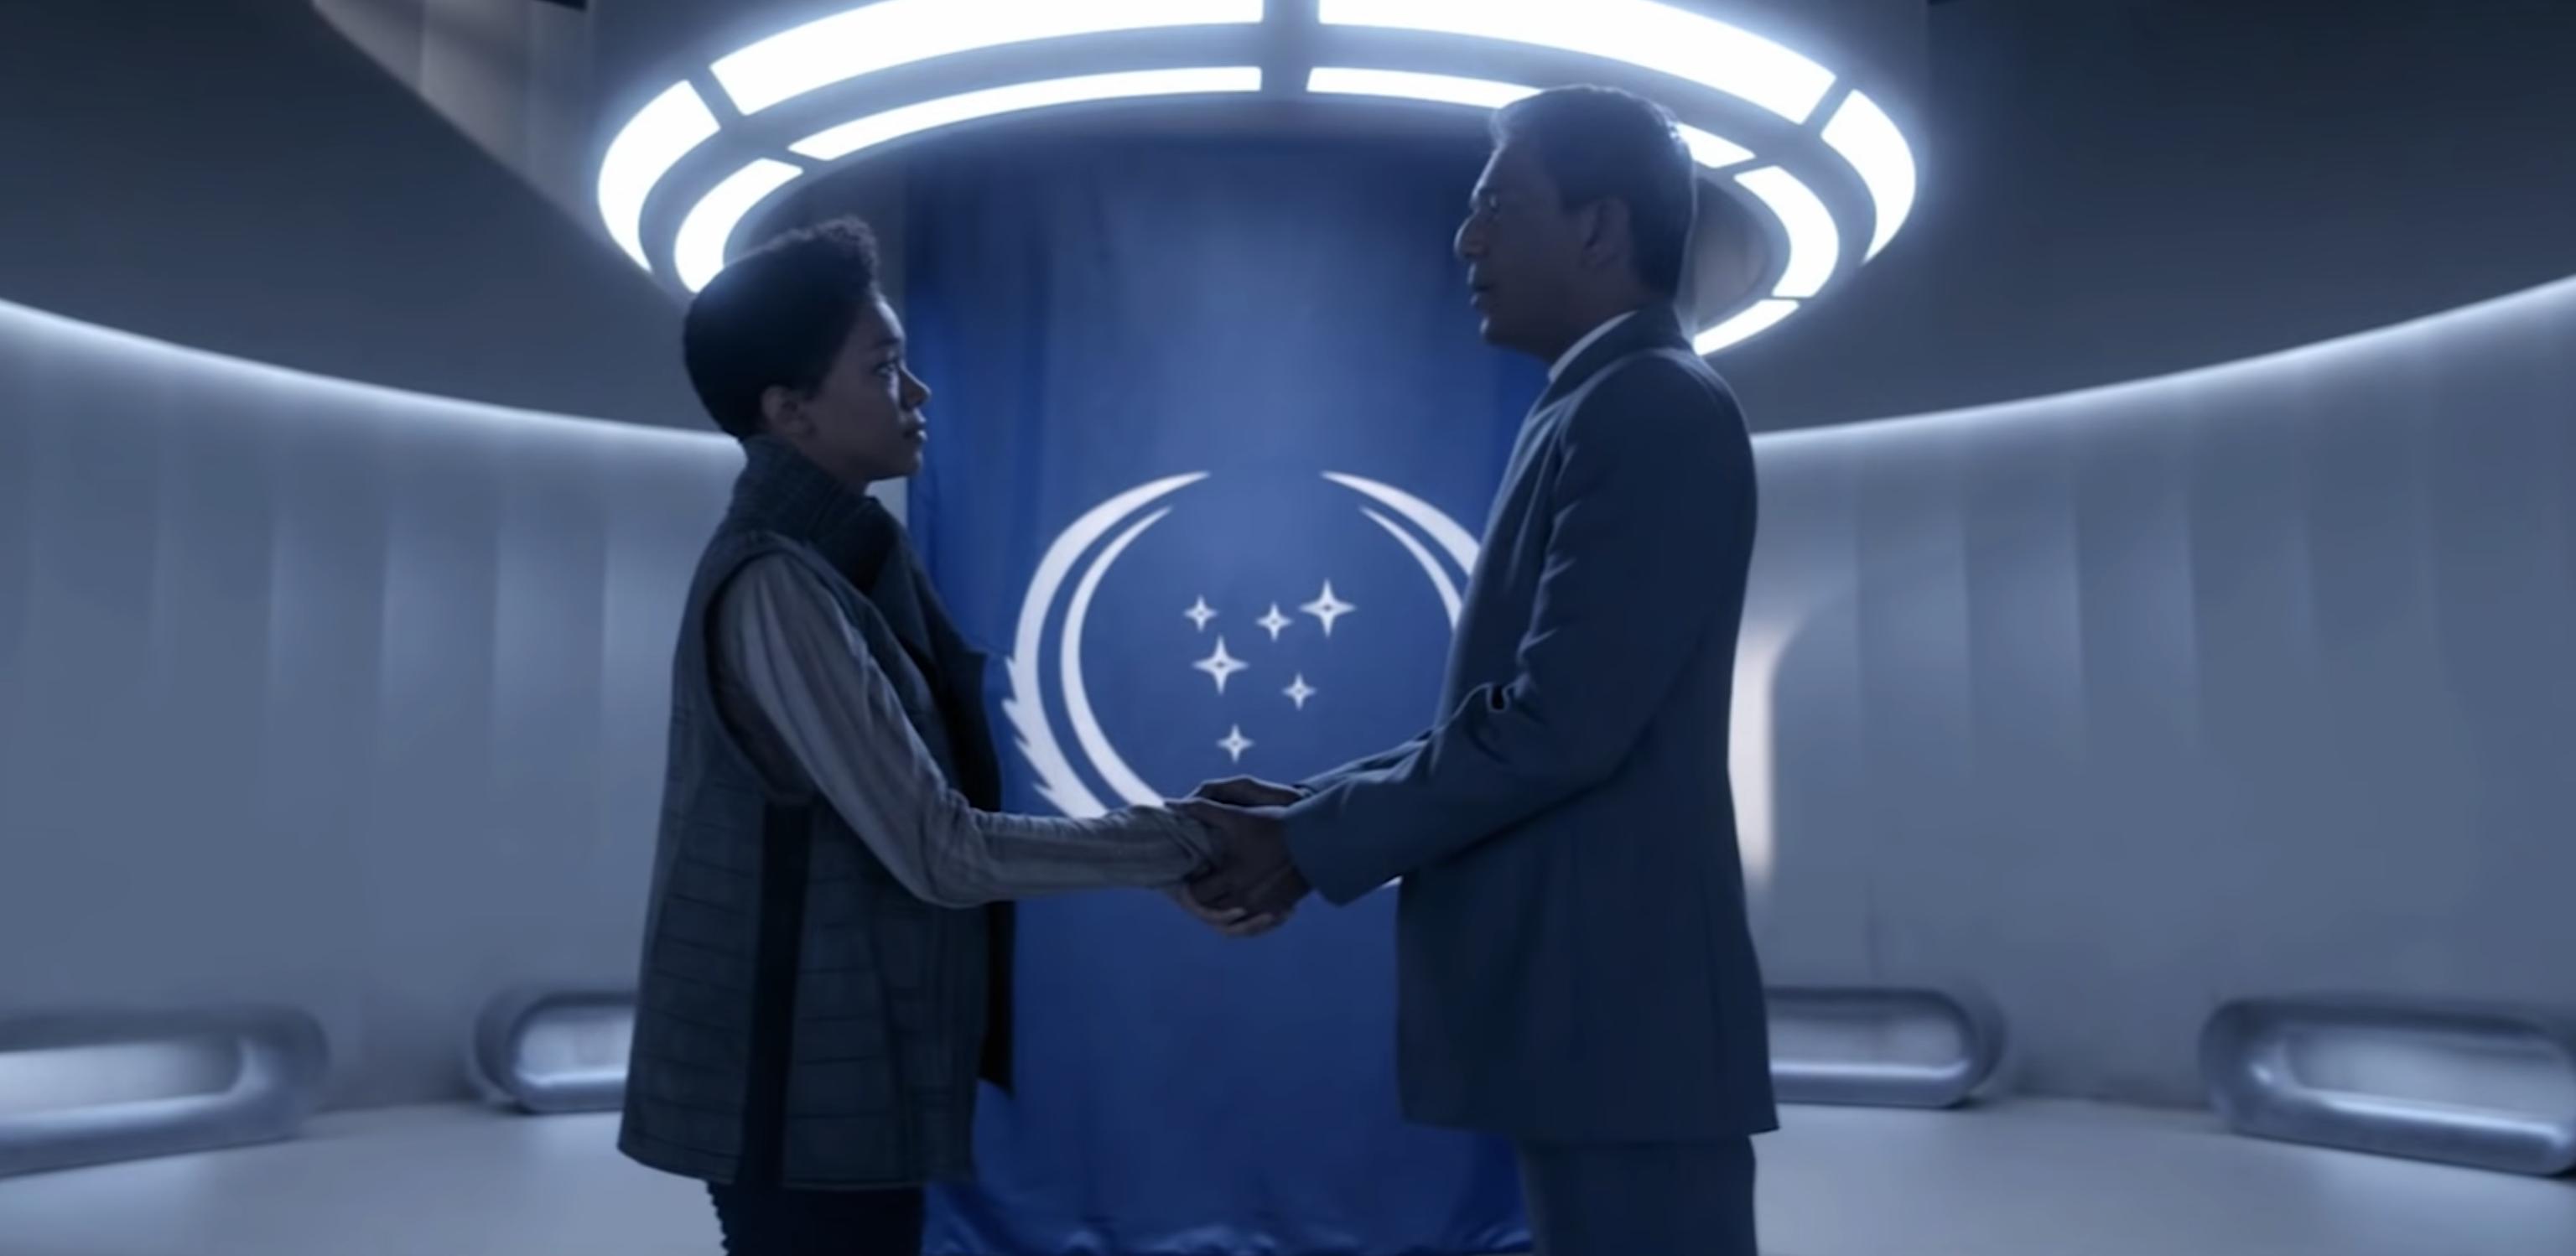 Star Trek: Discovery season 3 release date, trailer, cast, plot ...